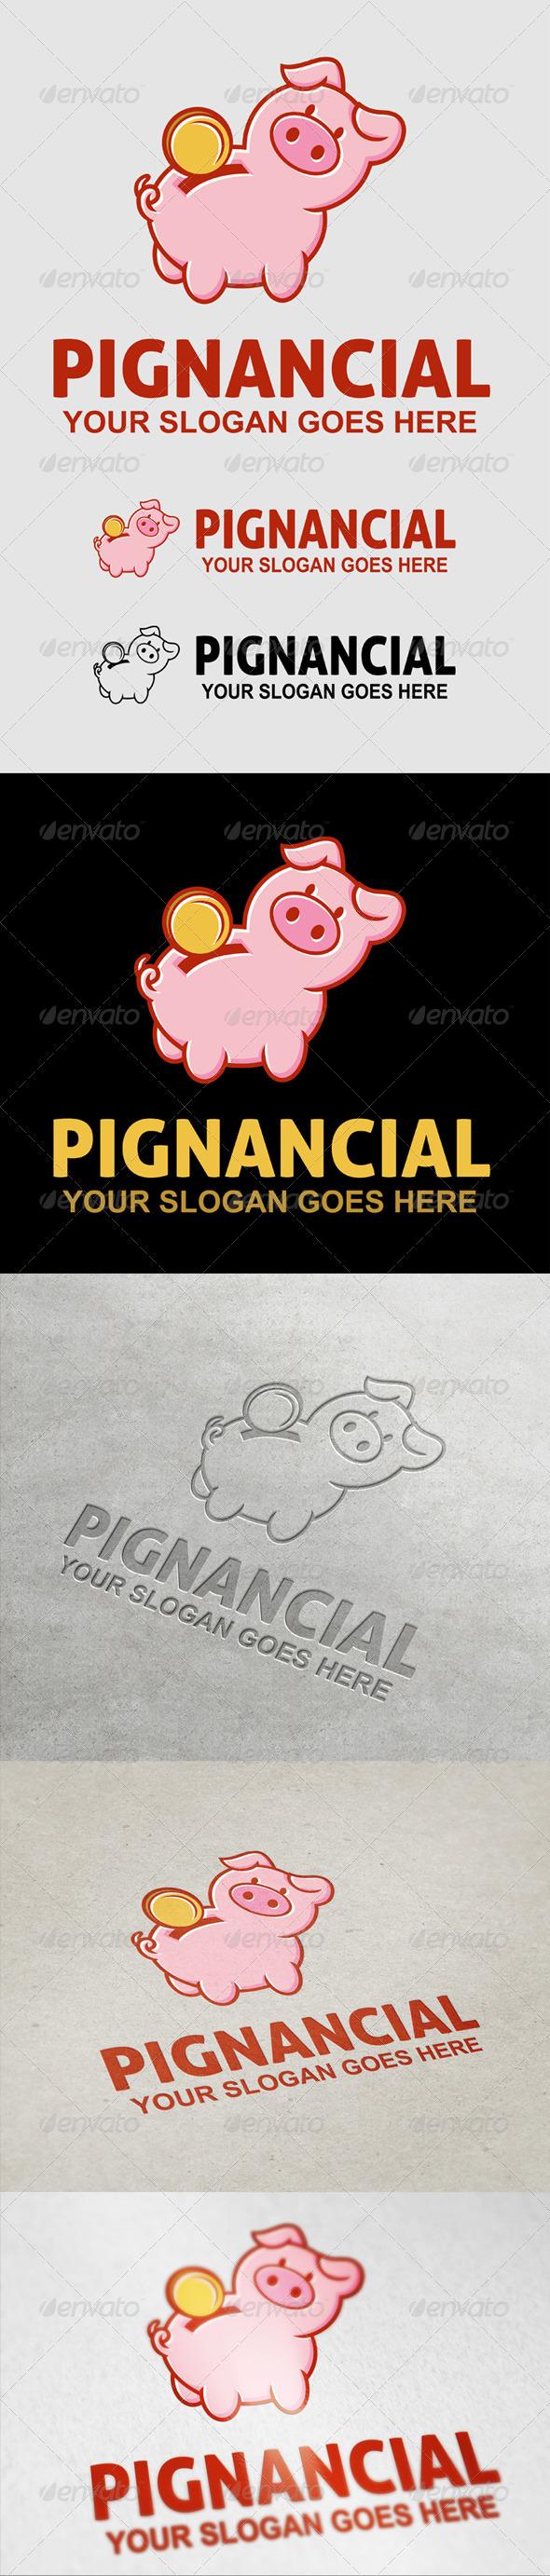 GraphicRiver Pignancial Logo 7069560